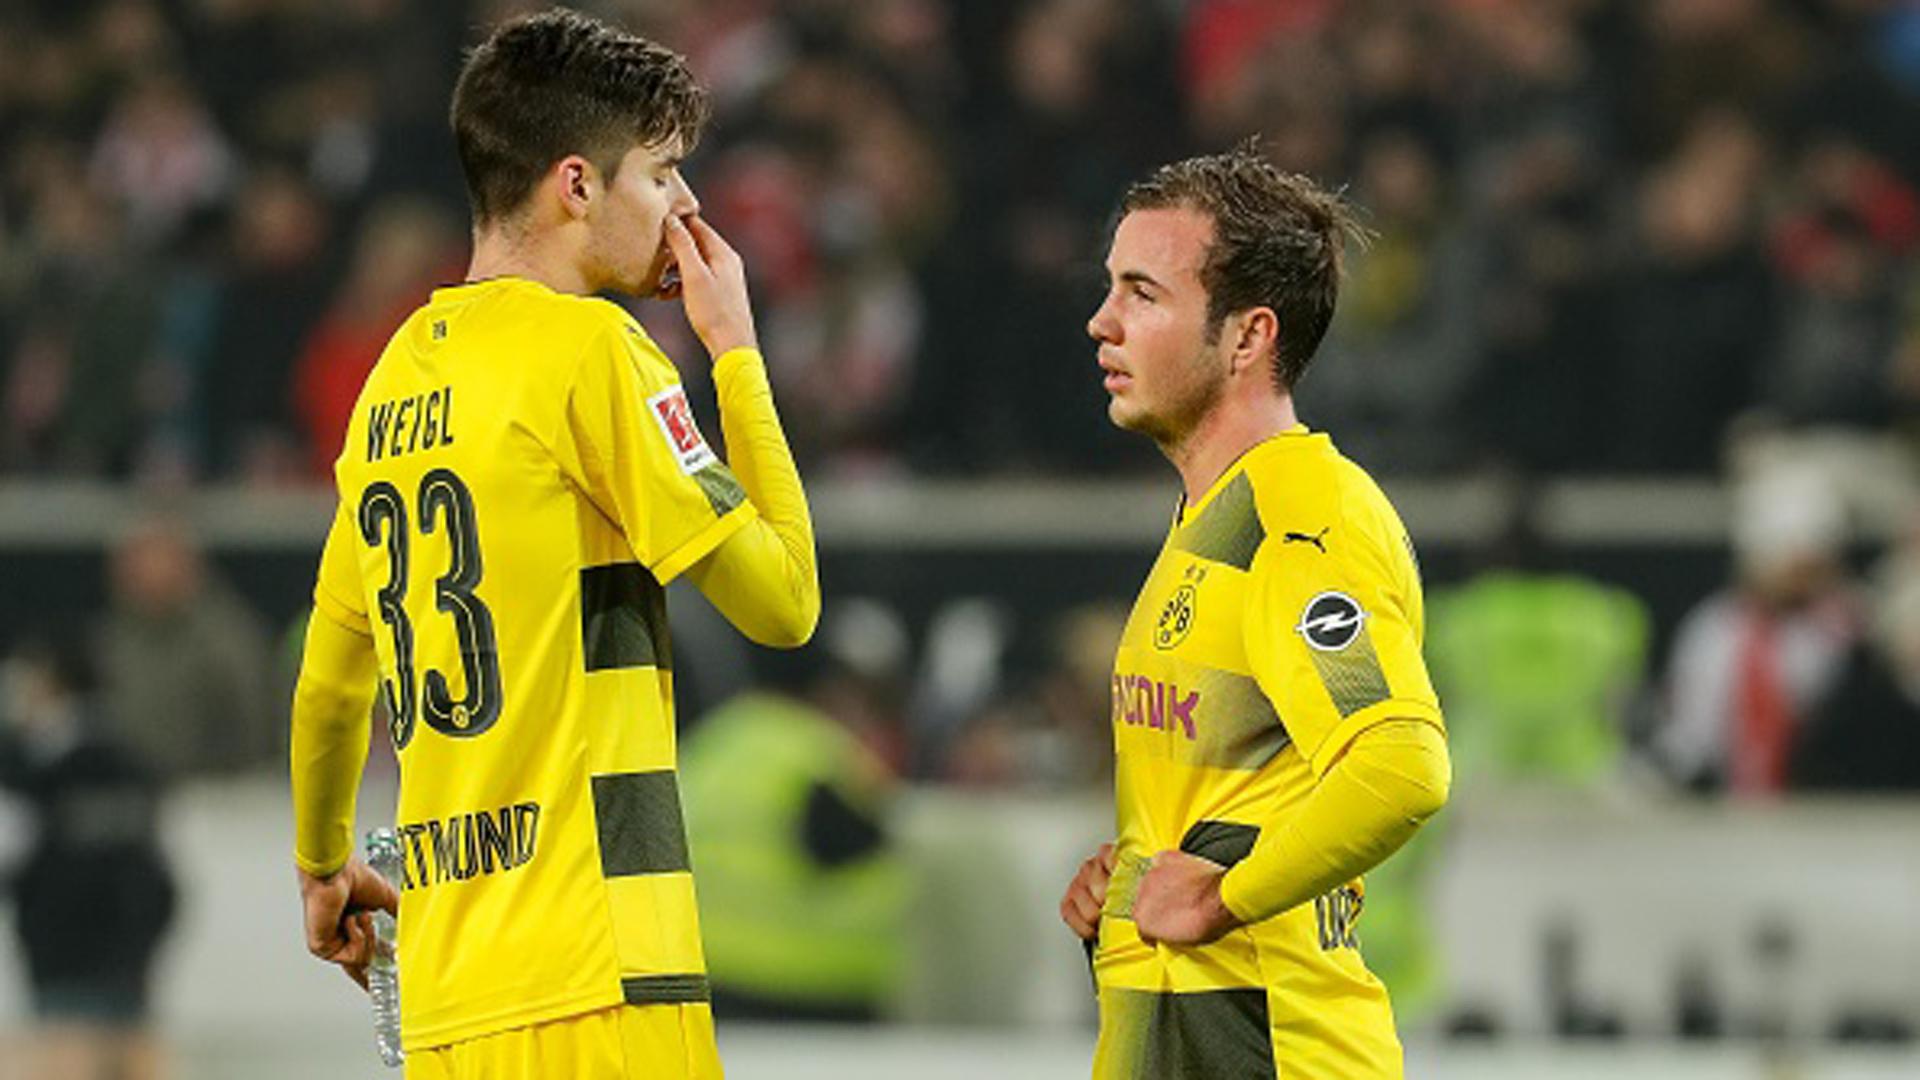 Borussia Dortmund Julian Weigl Mario Götze